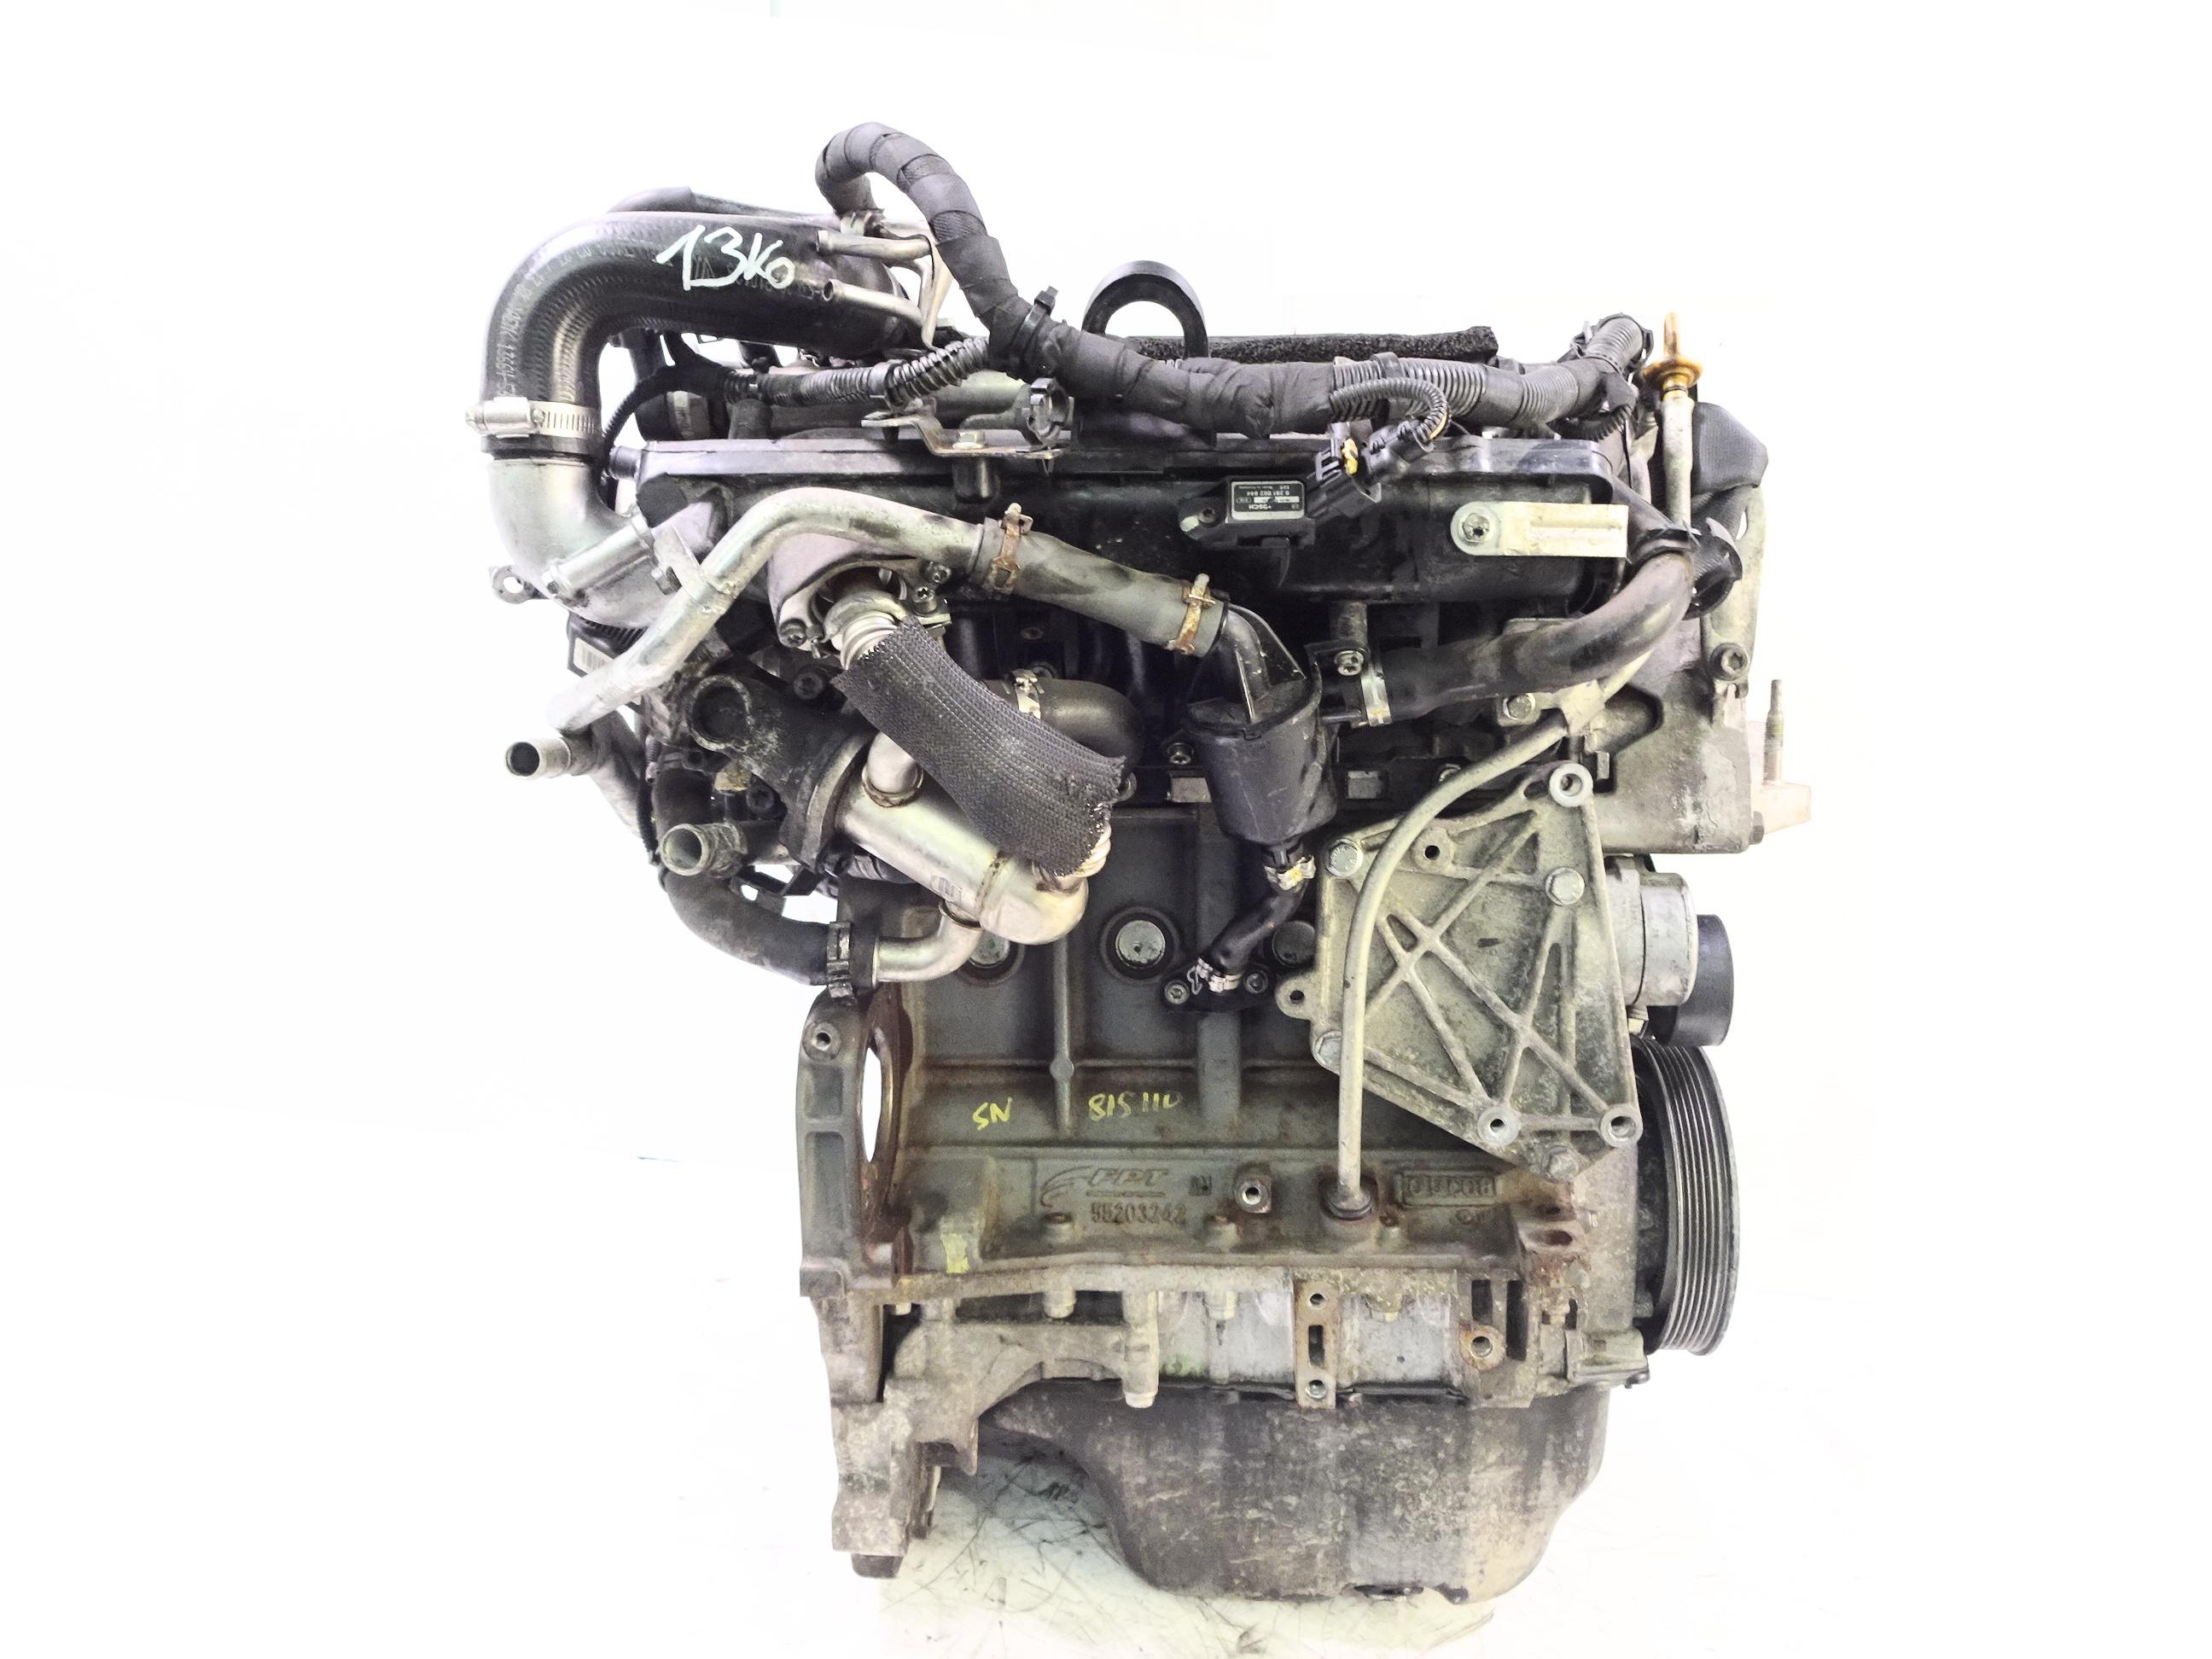 Motor 2010 Suzuki Swift IV 1,3 DDiS Diesel D13A mit Anbauteilen